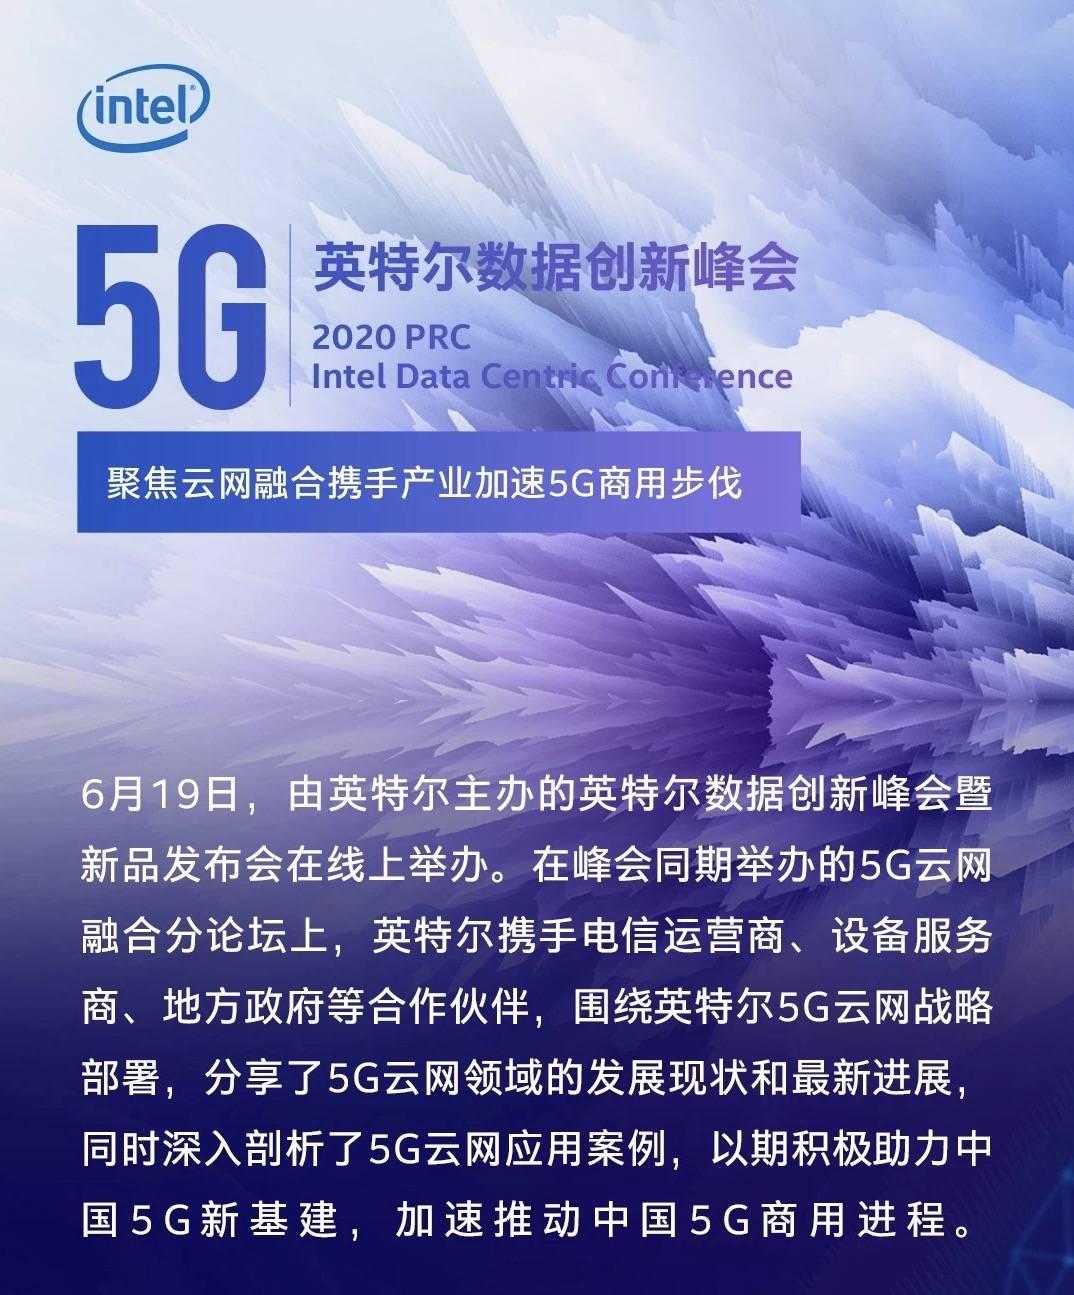 大咖說了啥:英特爾數據創新峰會5G云網融合分論壇回顧